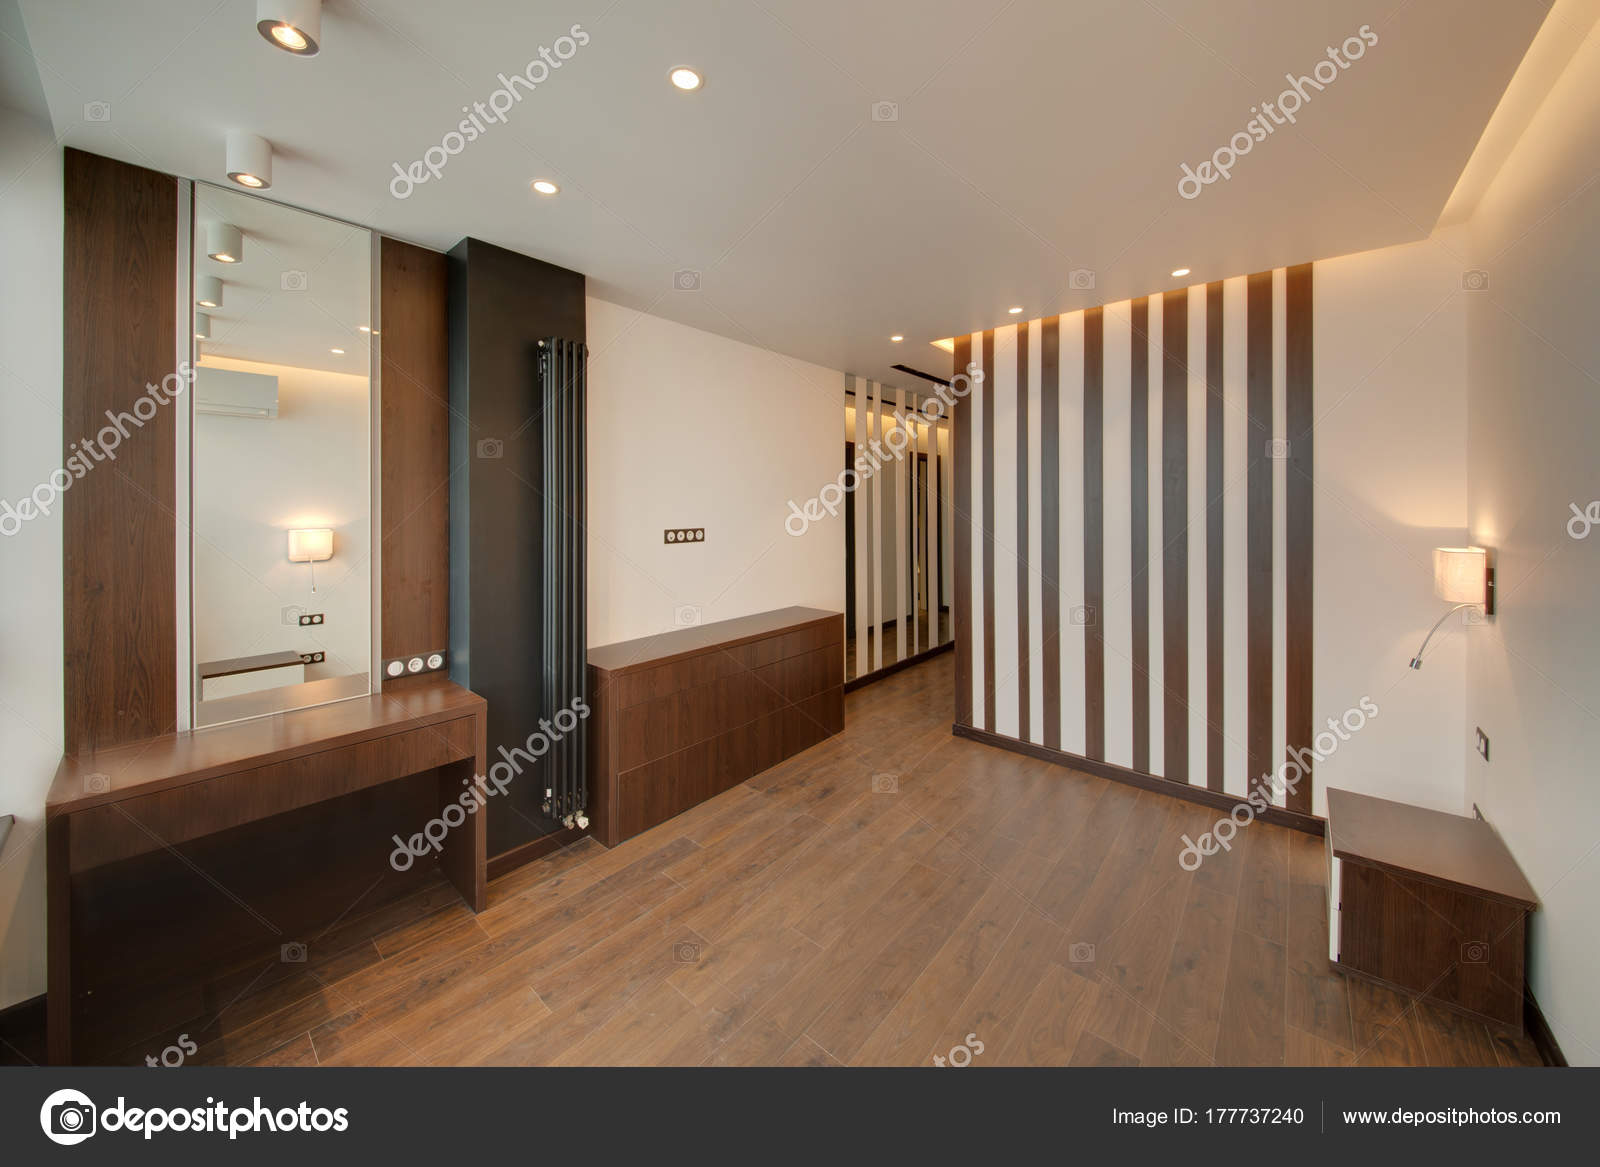 Das Schlafzimmer Braunen Tönen Mit Hellen Wänden Und Ein Dunkler